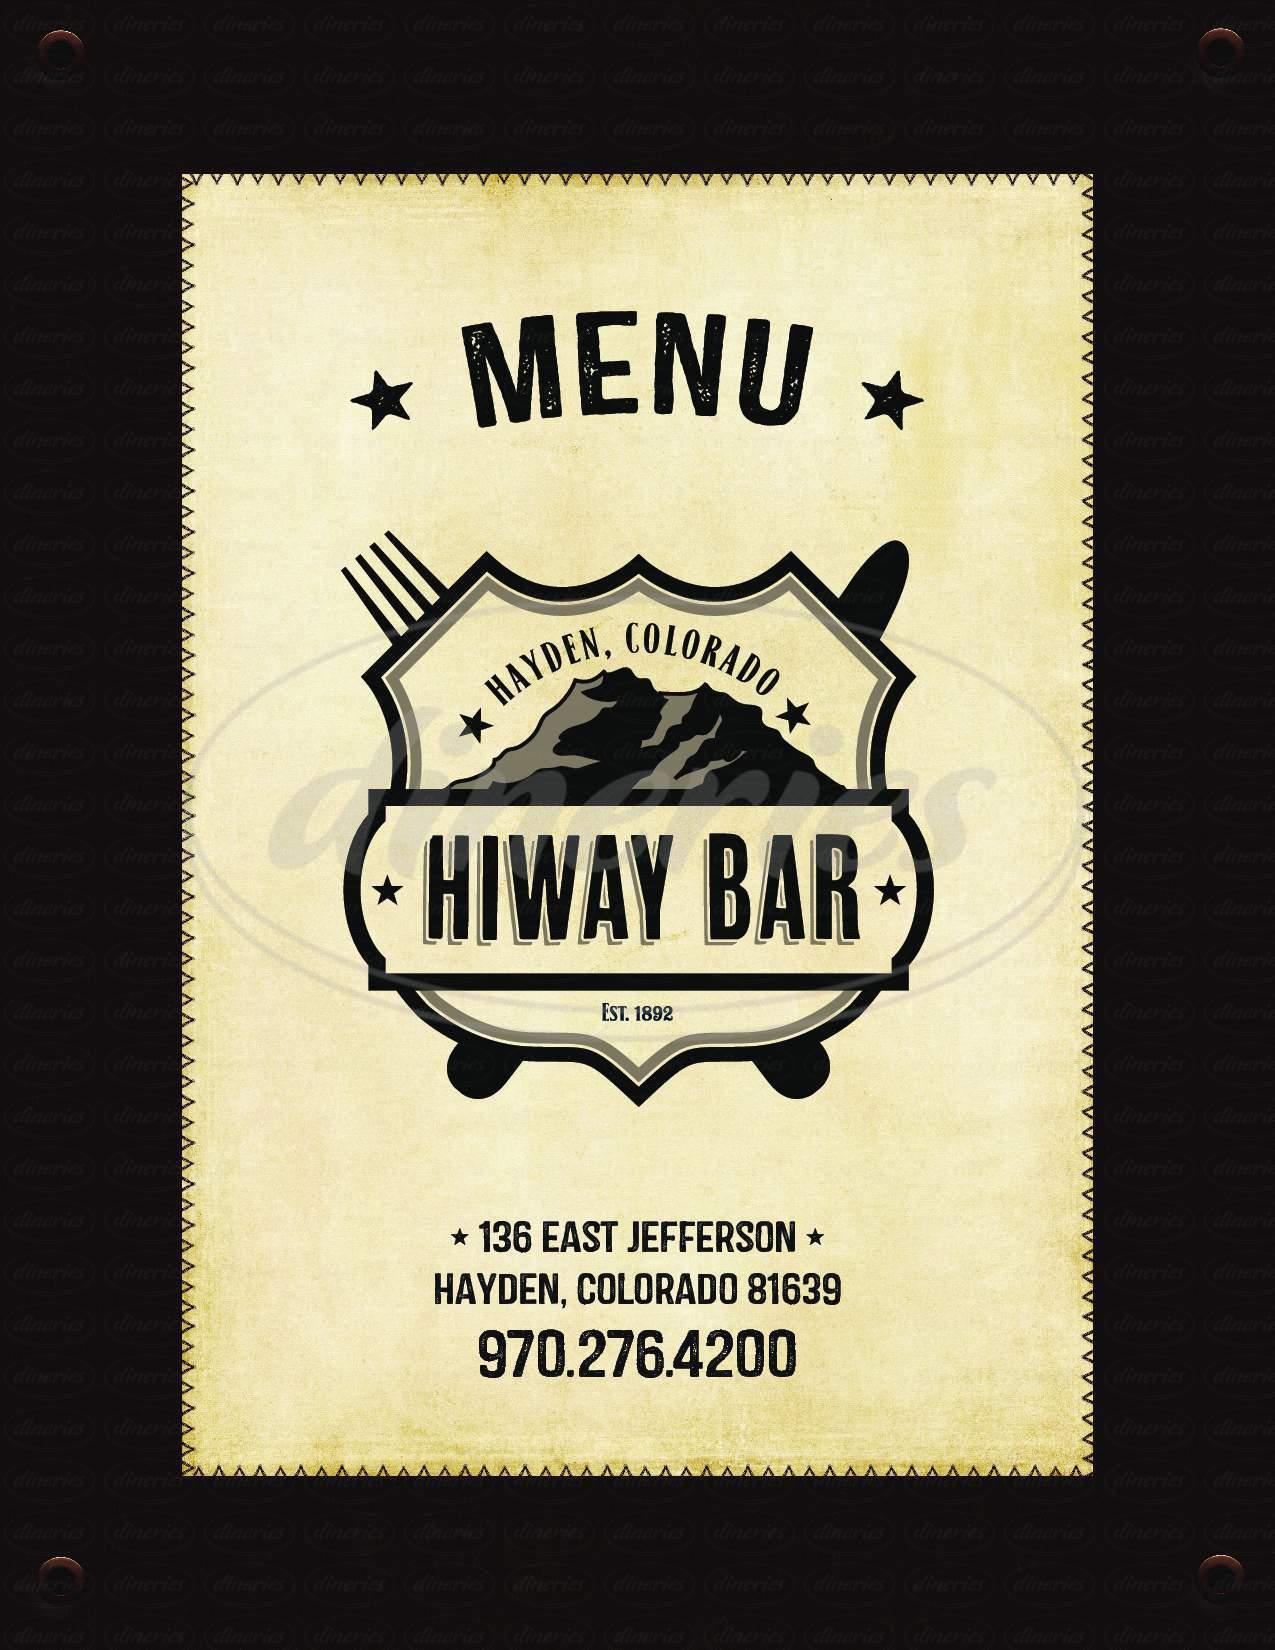 menu for Hiway Bar